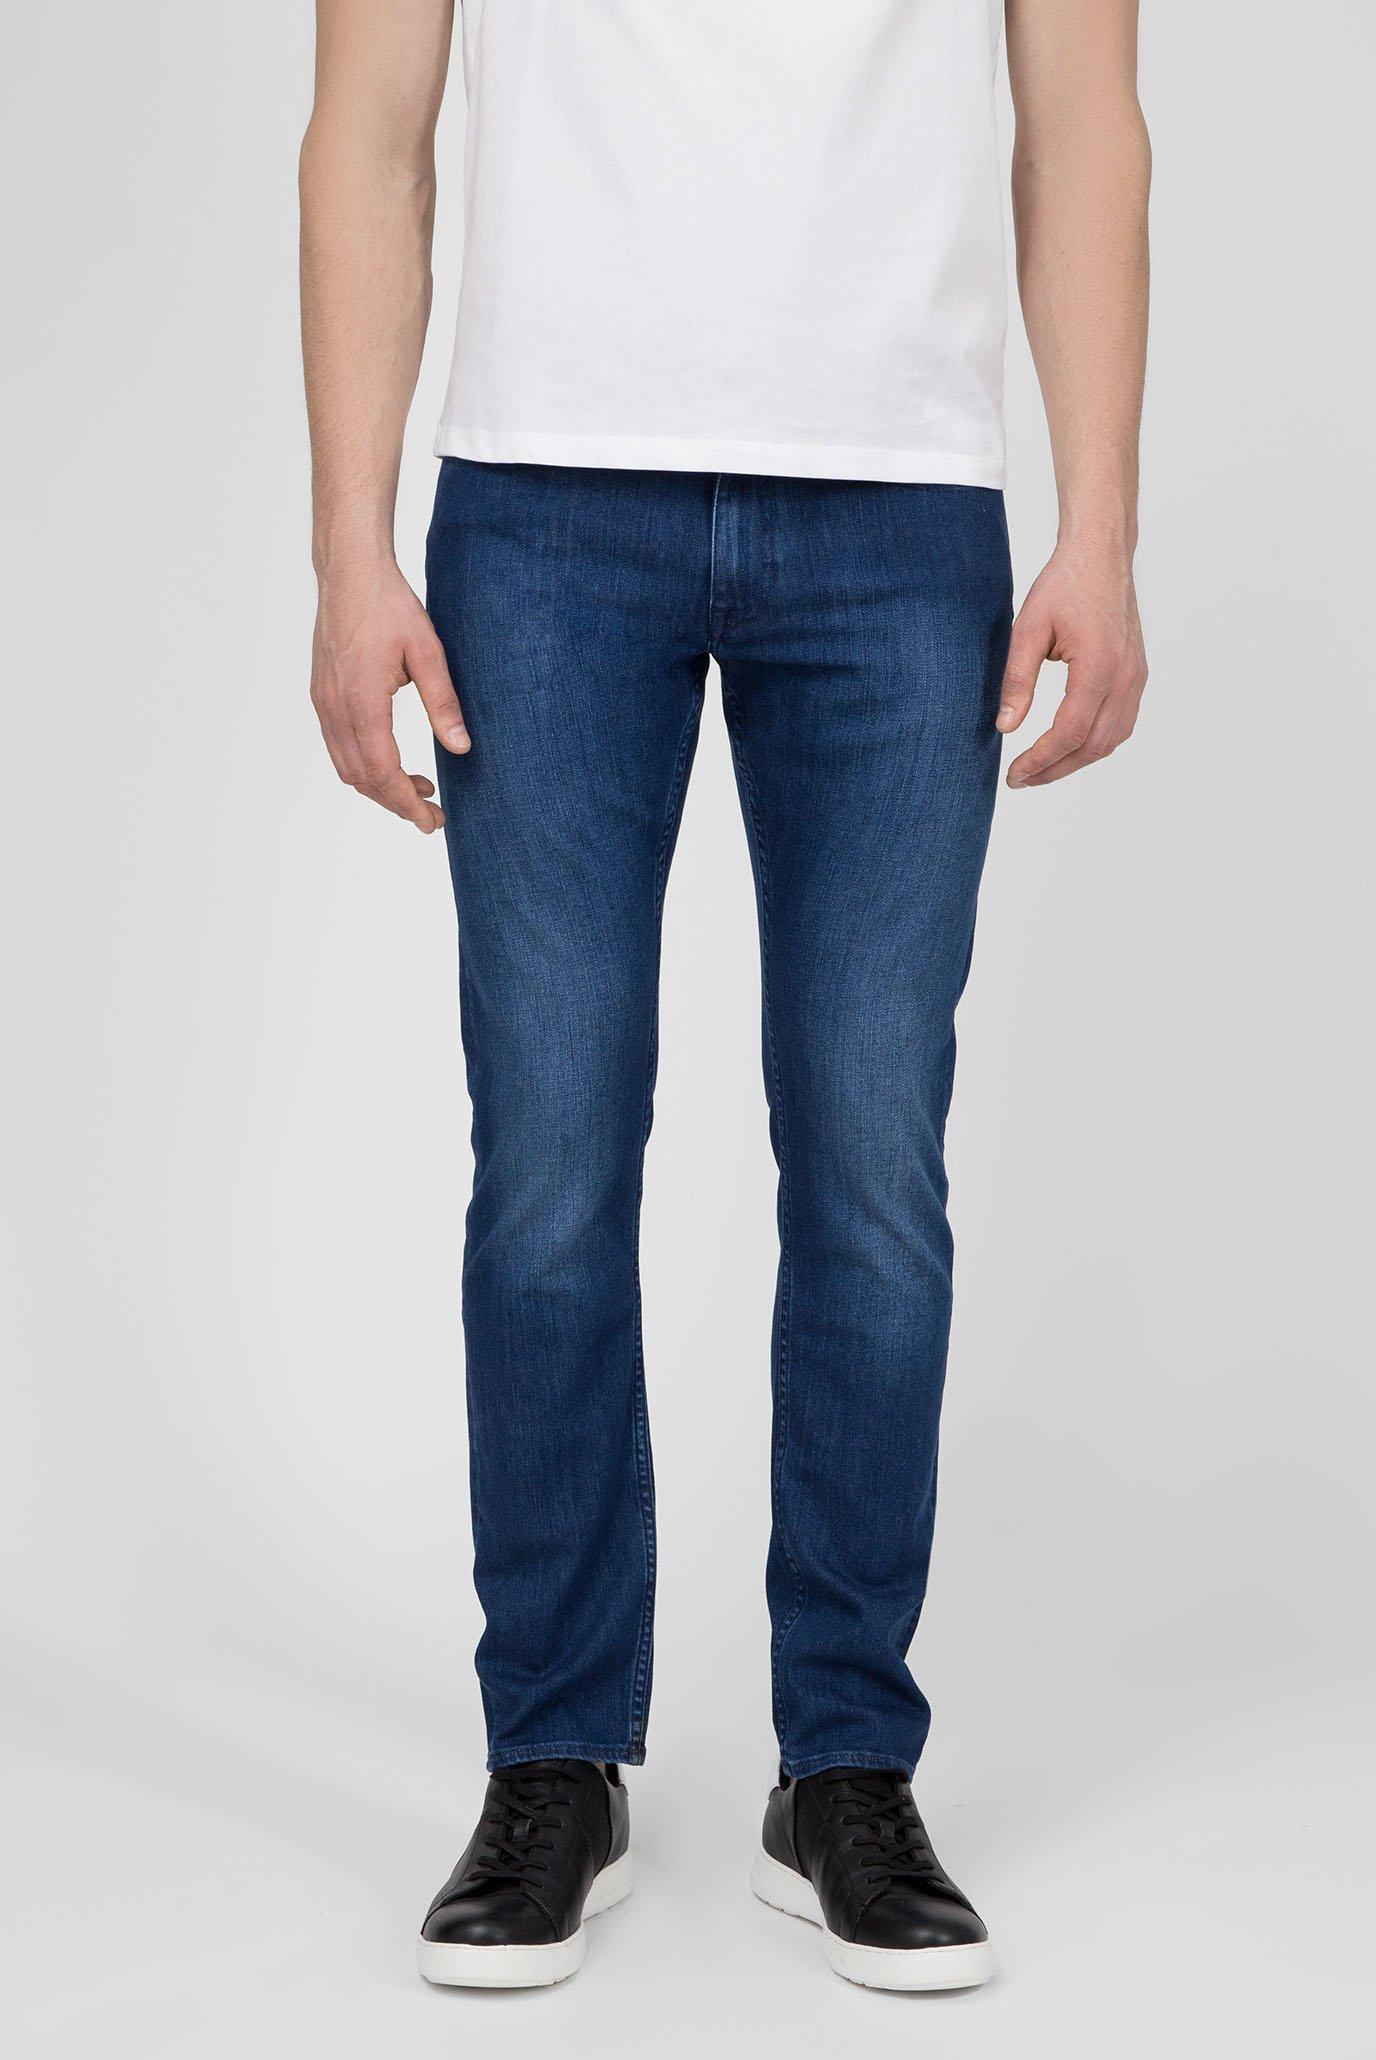 Купить Мужские синие джинсы SLIM FIT Calvin Klein Calvin Klein K10K103319 – Киев, Украина. Цены в интернет магазине MD Fashion